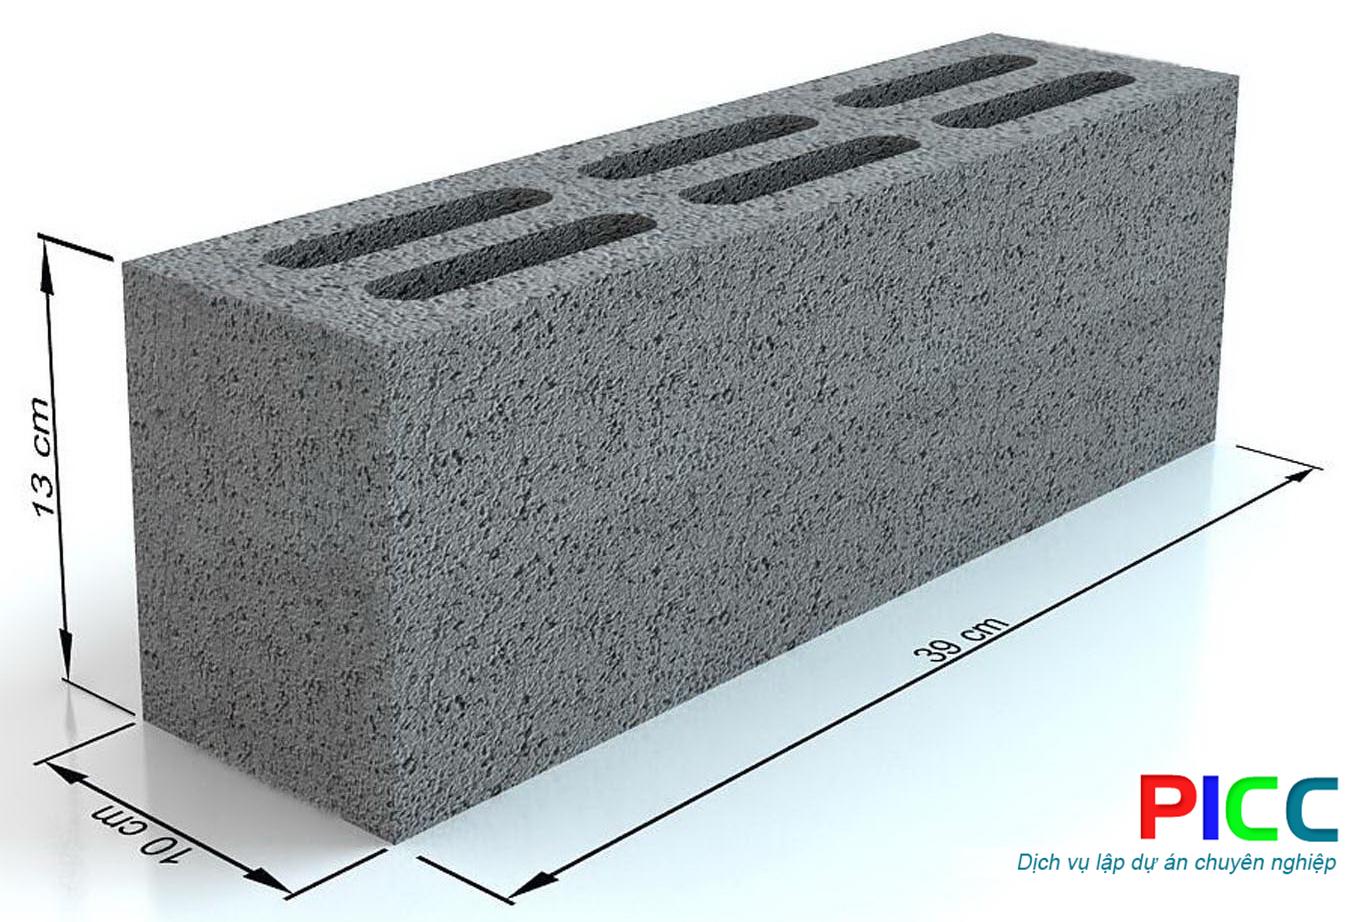 Nhà máy sản xuất gạch không nung ly tâm bê tông đúc sẵn, gạch vỉa hè